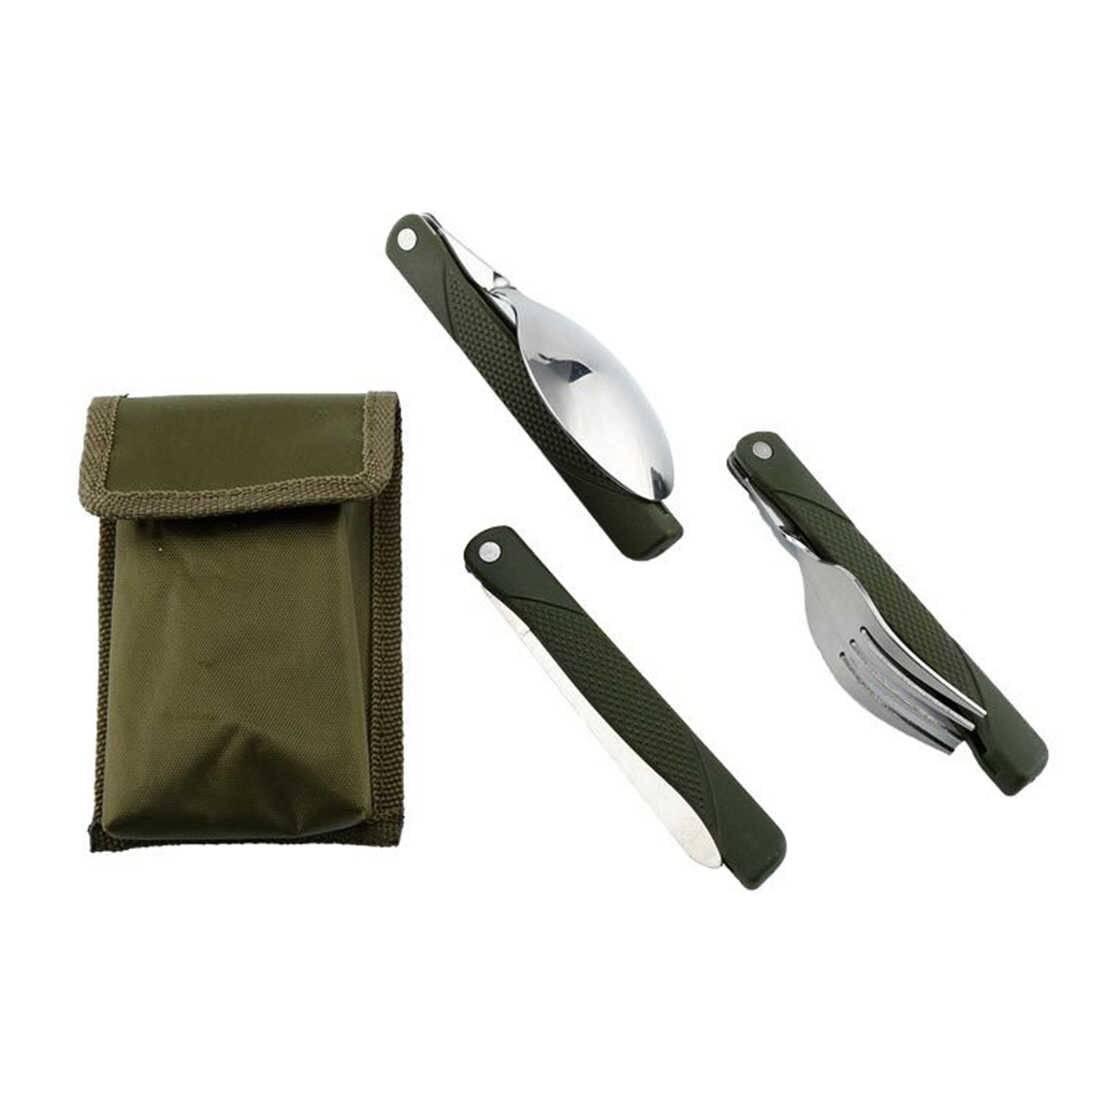 Туристические ножи (28 фото): походный складной ножик для туриста, многофункциональные и универсальные модели для походов и туризма, рейтинг лучших брендов